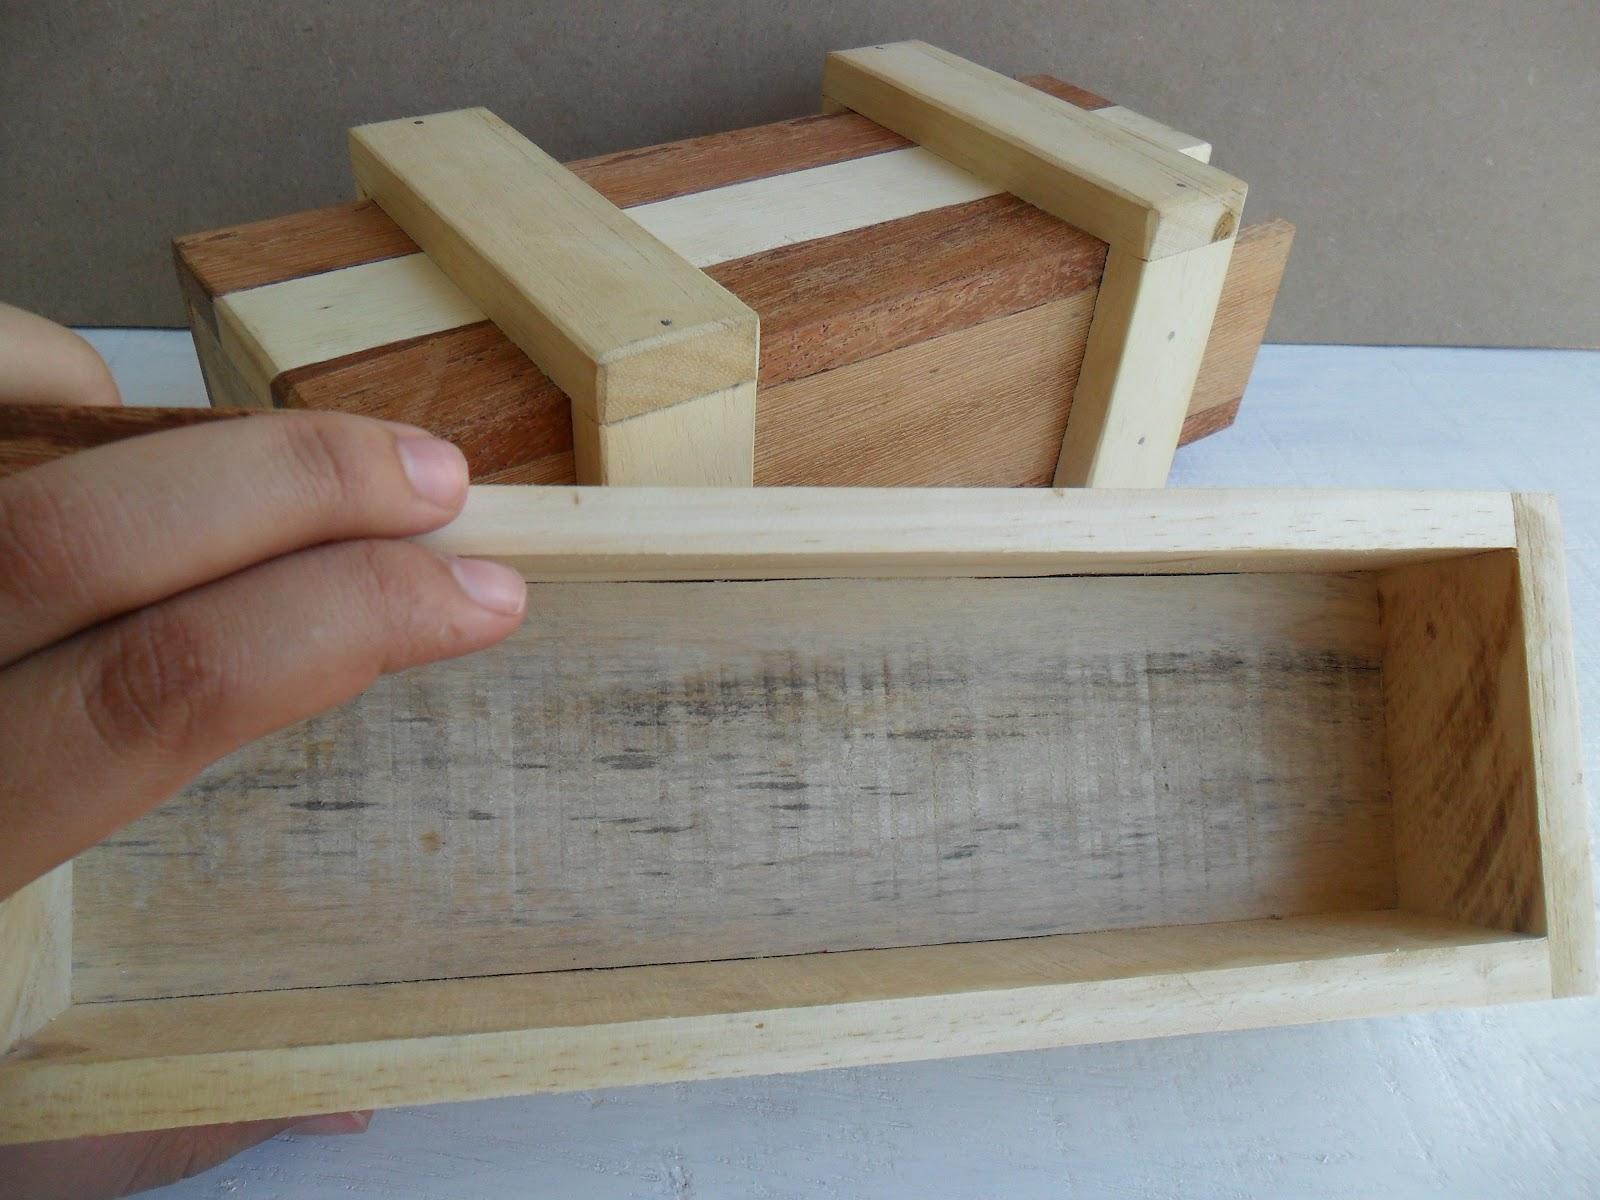 #644731 CAIXA DE PANDORA GIGANTE 1600x1200 px caixa de madeira personalizada como fazer @ bernauer.info Móveis Antigos Novos E Usados Online